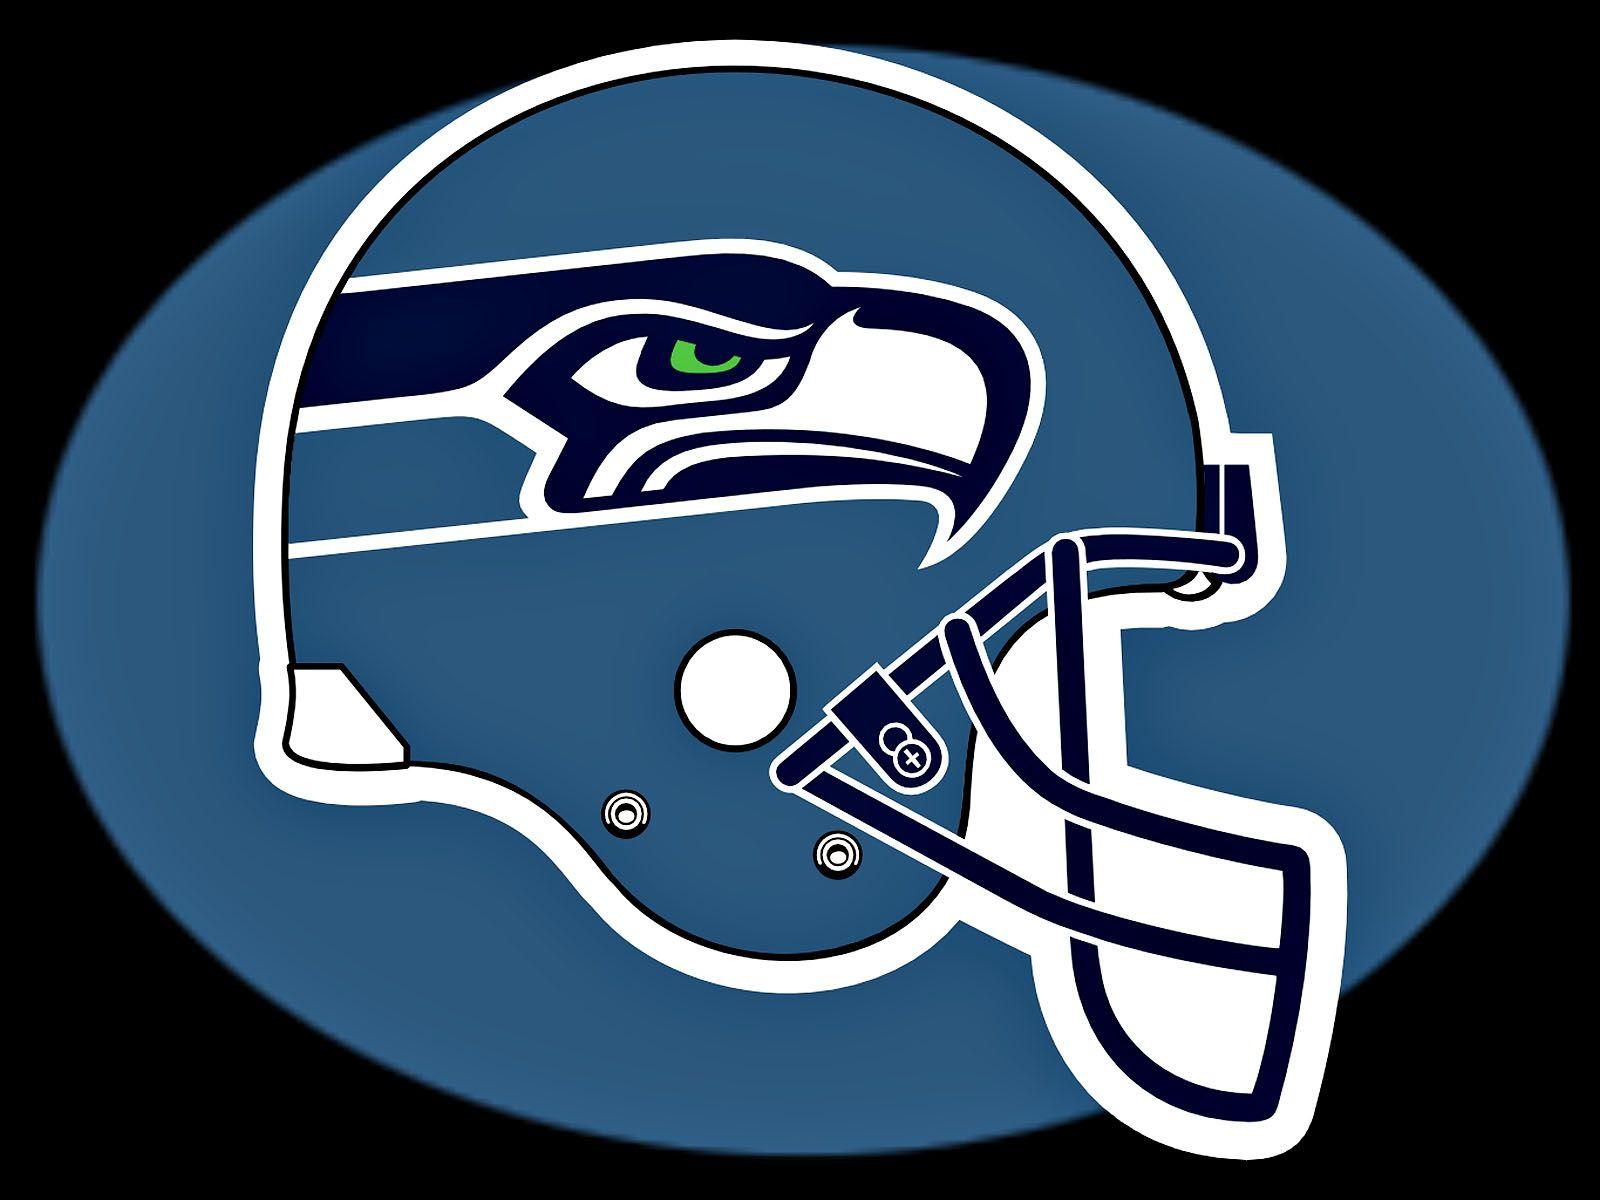 Football Wallpapers Seattle Seahawks Desktop Backgrounds 1600x1200